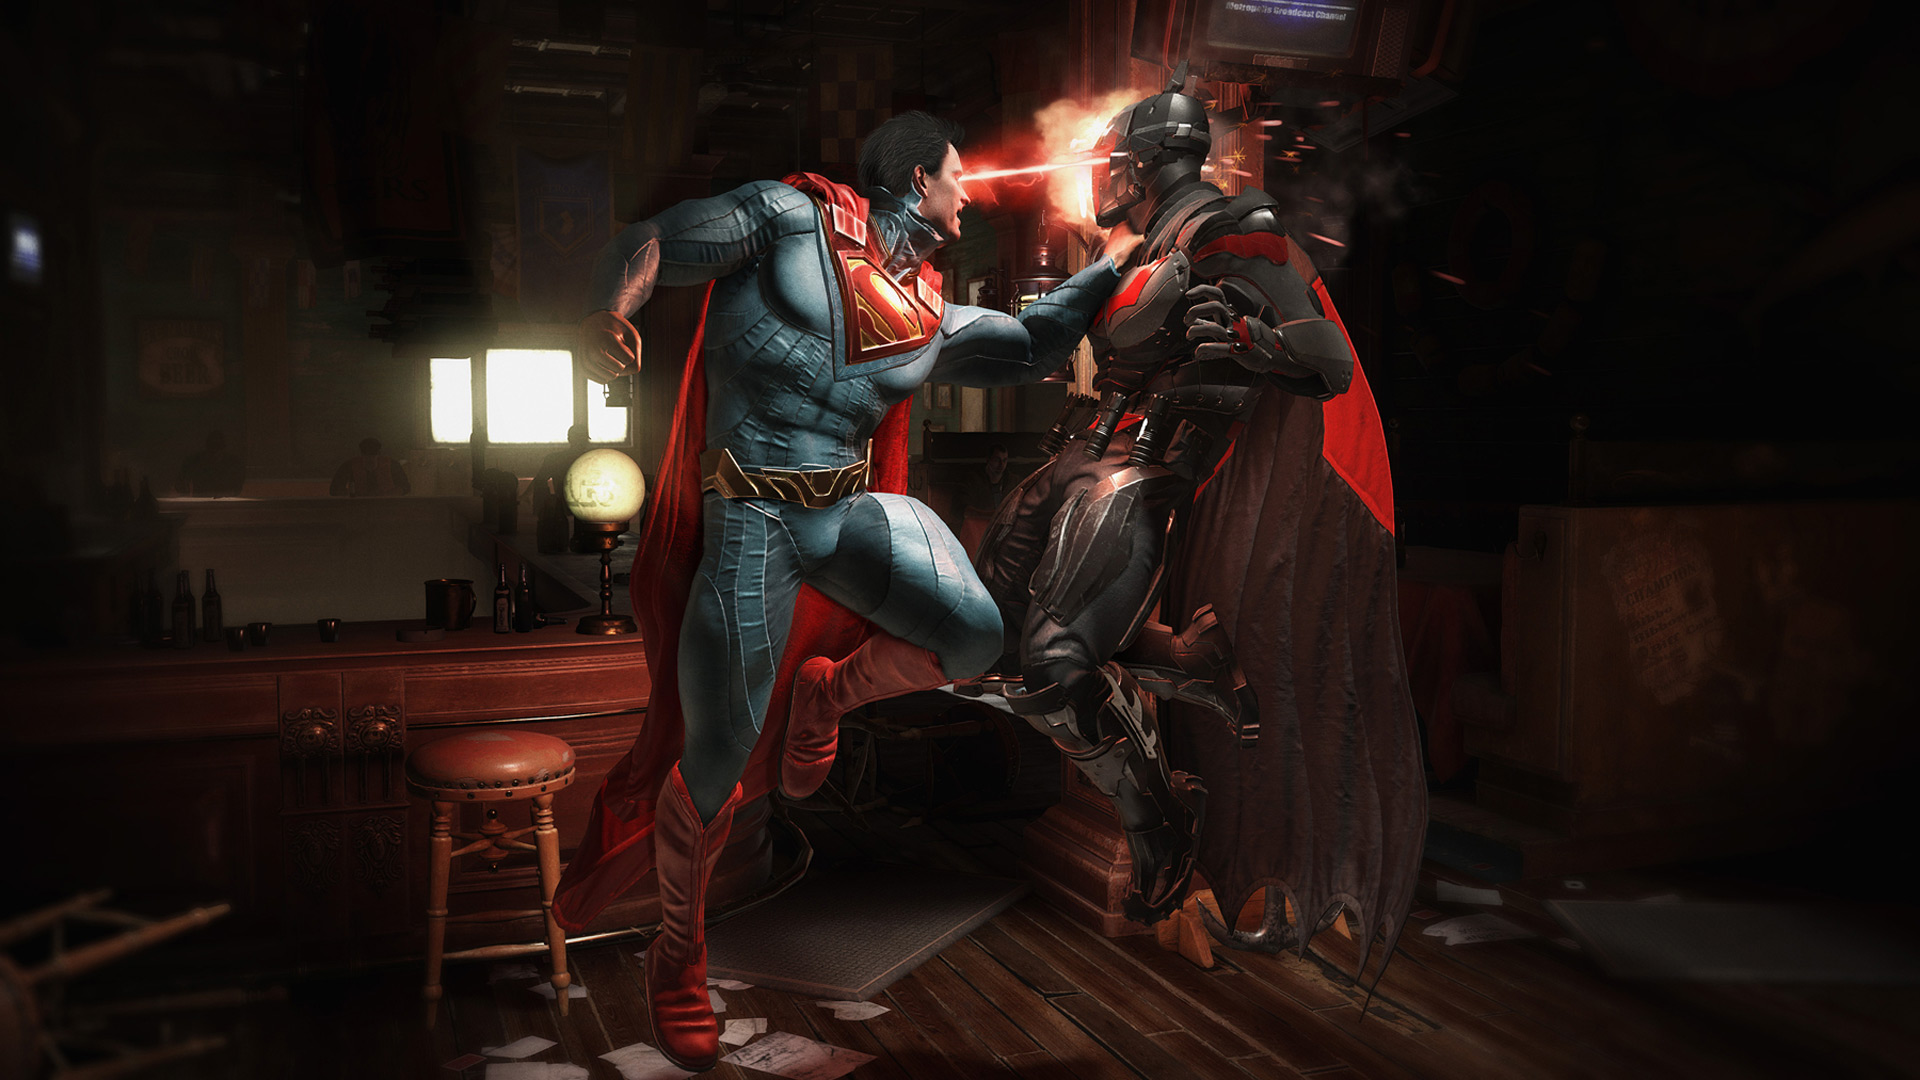 Injustice 2 Superman Hd Games 4k Wallpapers Images: 1366x768 Injustice 2 Batman Vs Superman 1366x768